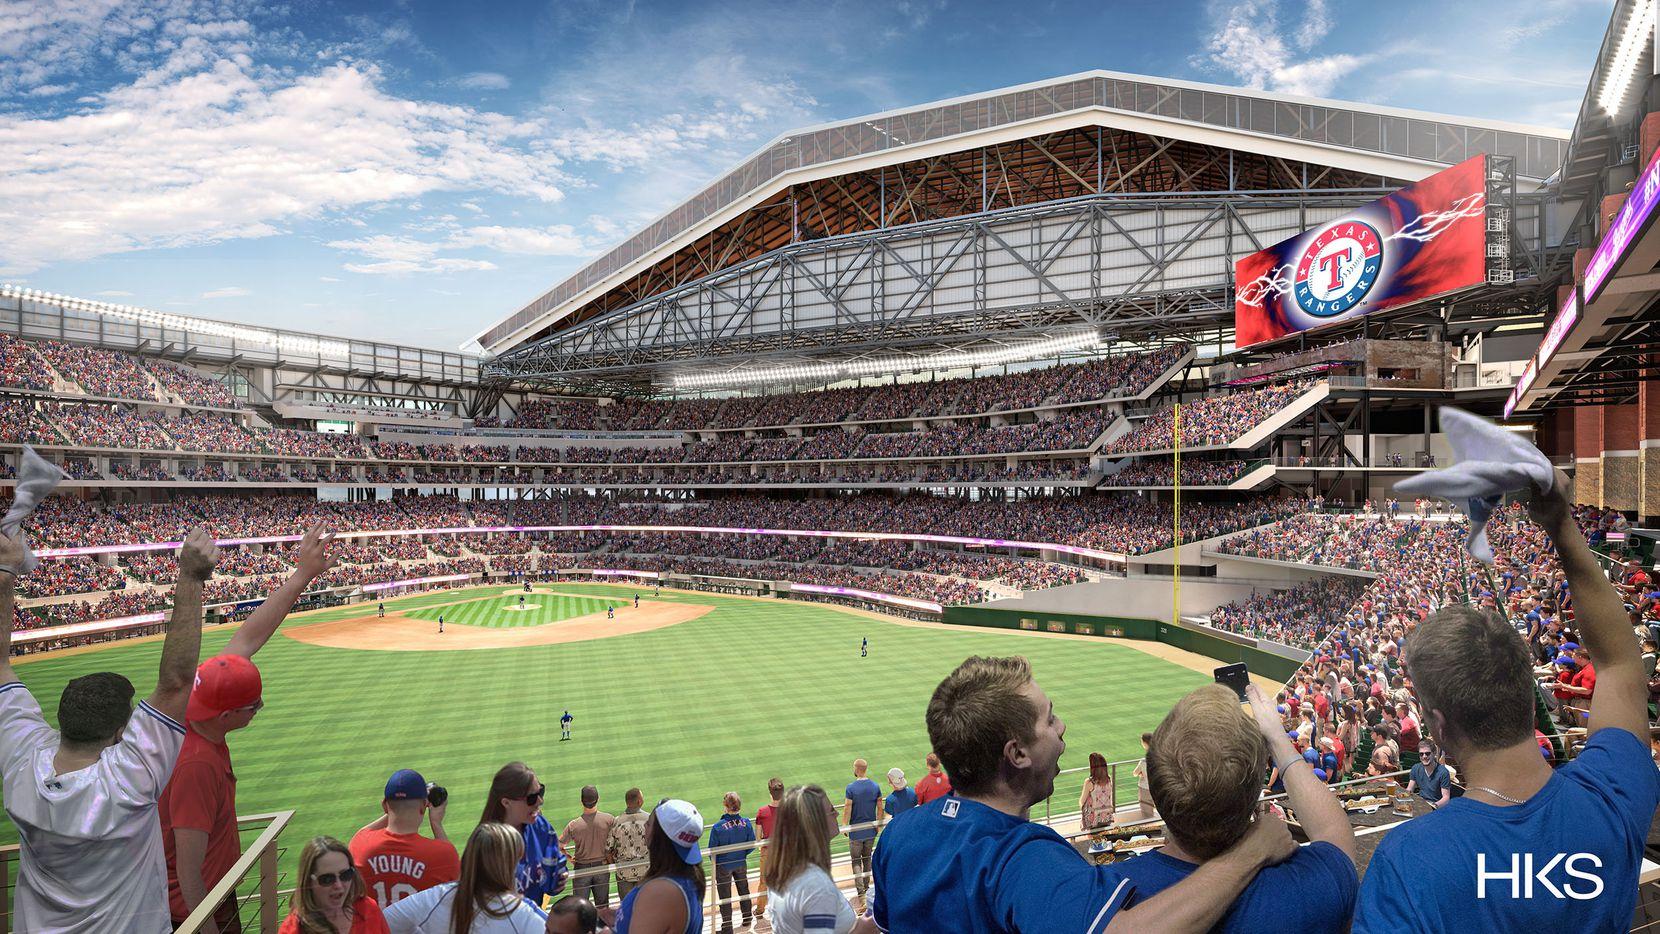 Una ilustración del nuevo estadio Globe Life Field, que será casa de los Rangers a partir del 2020.